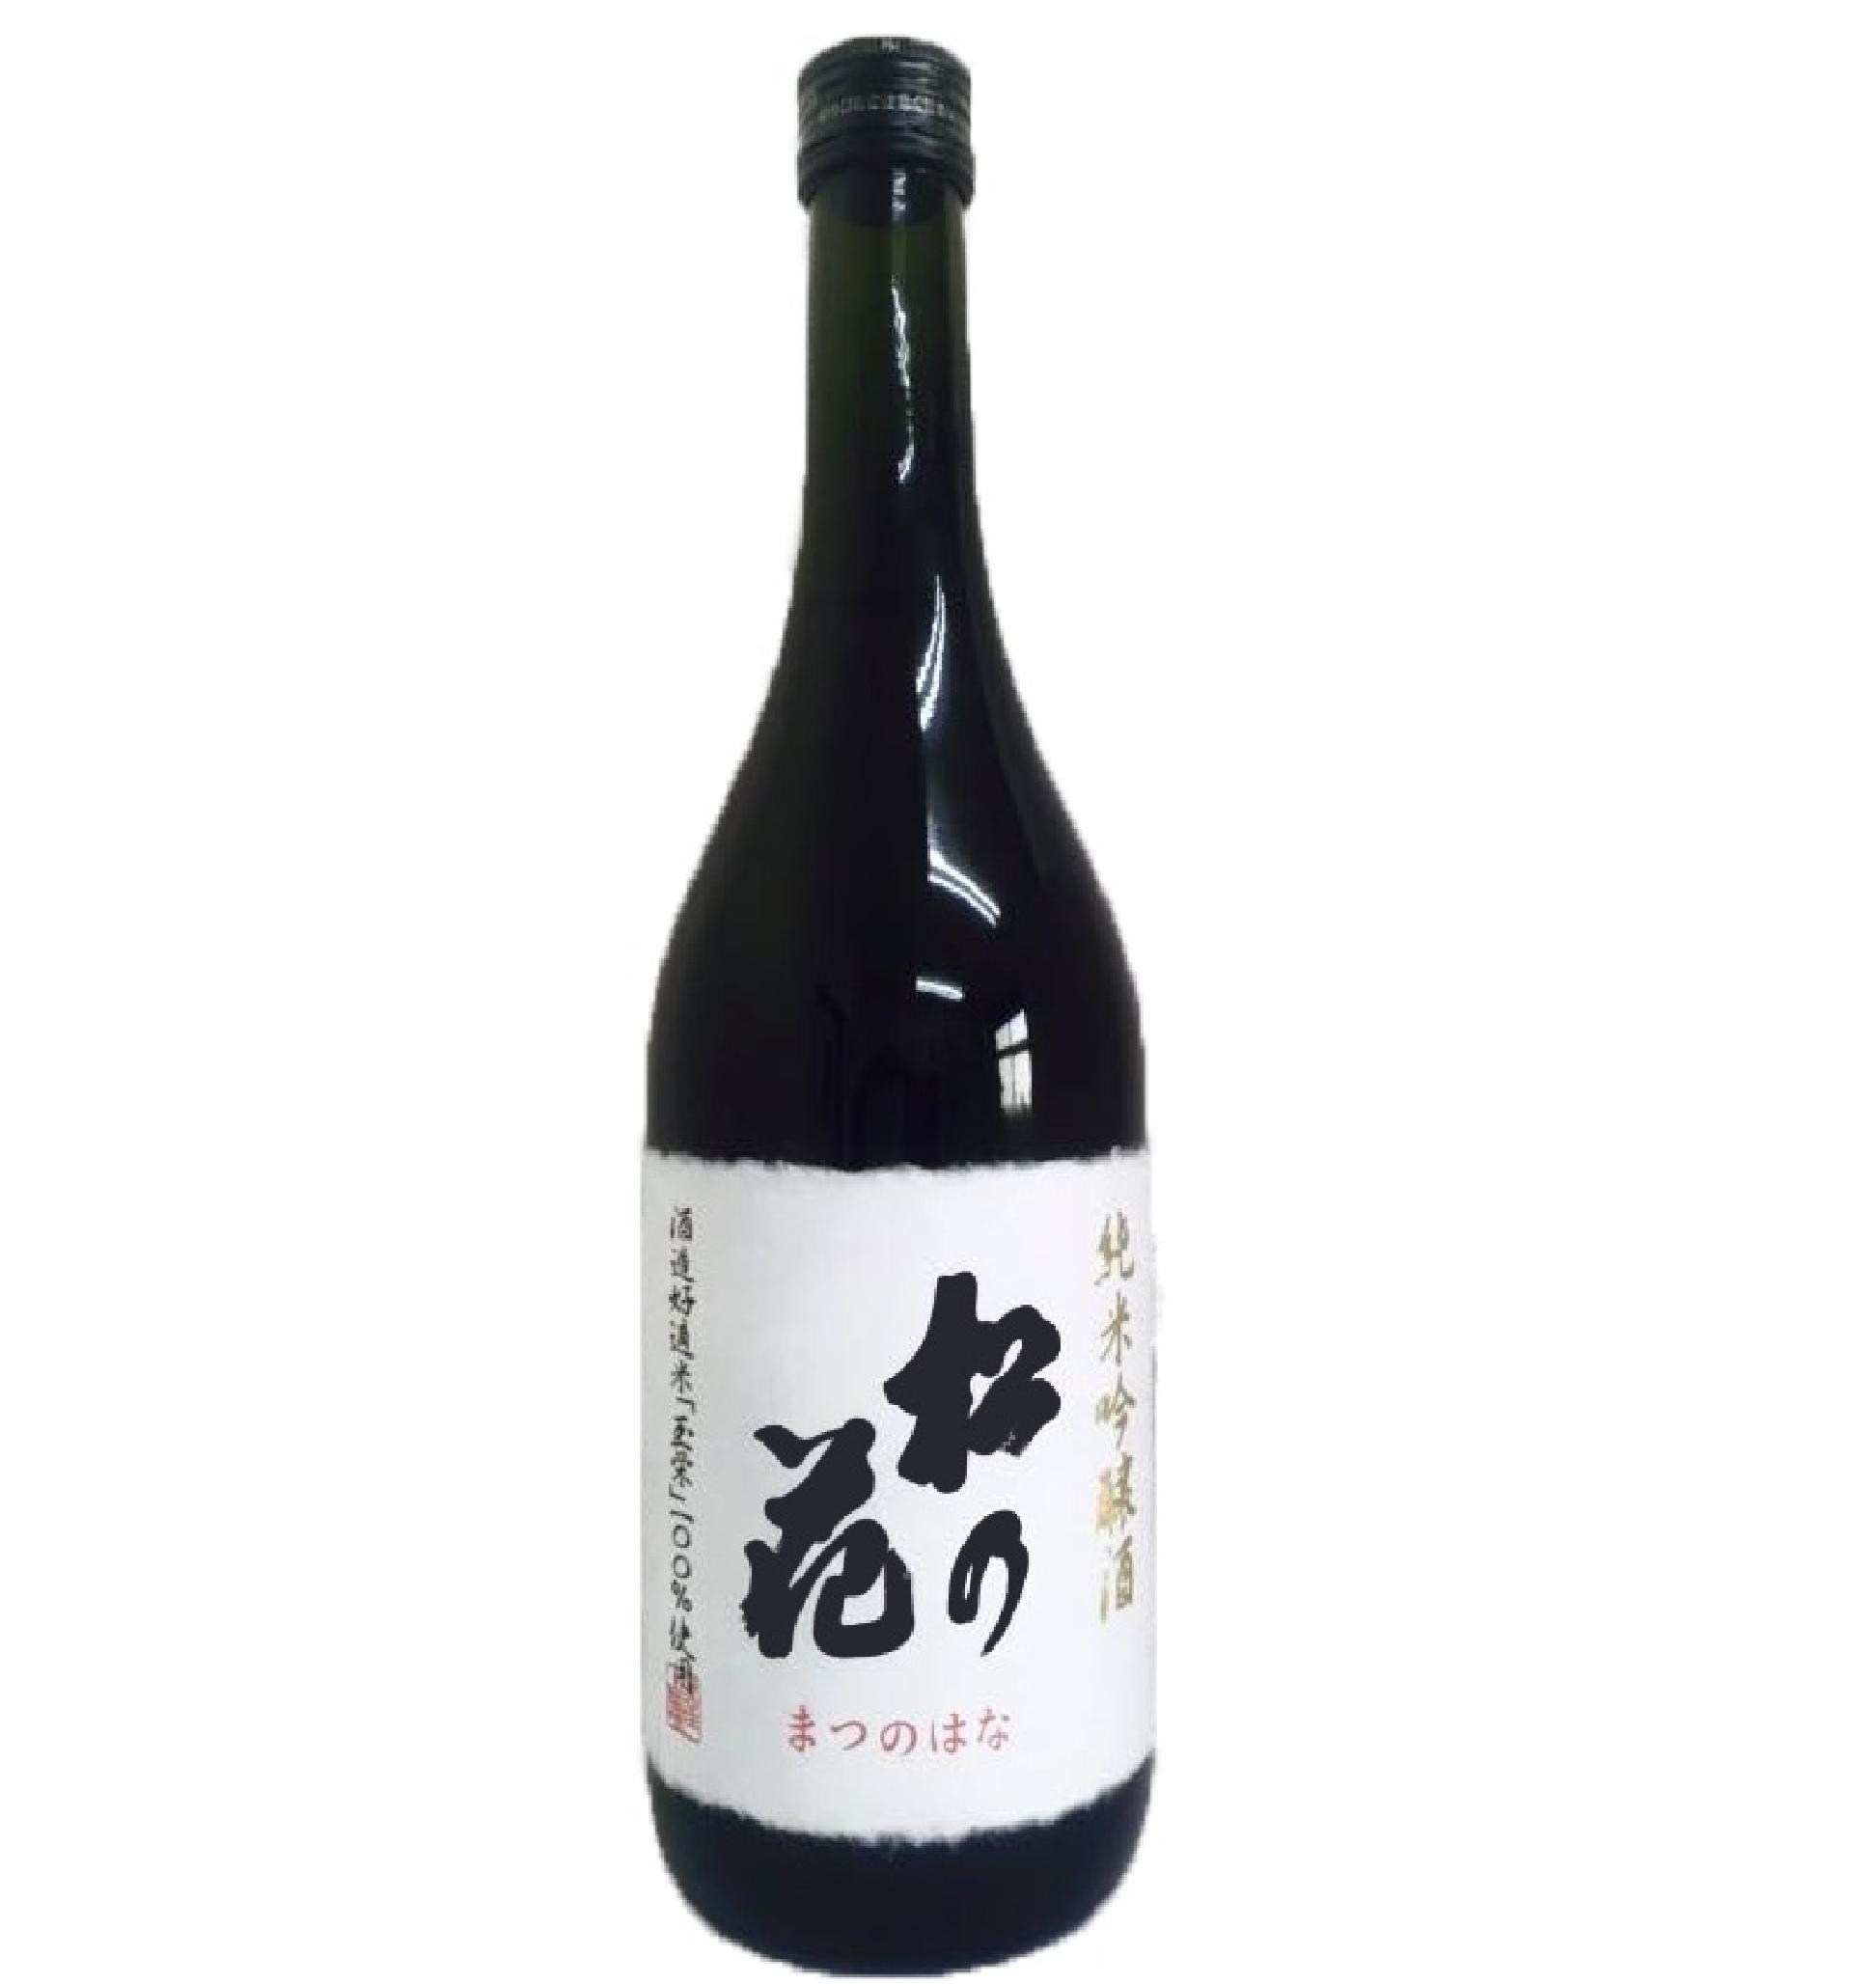 西近江の地酒 松の花 川島酒造株式会社